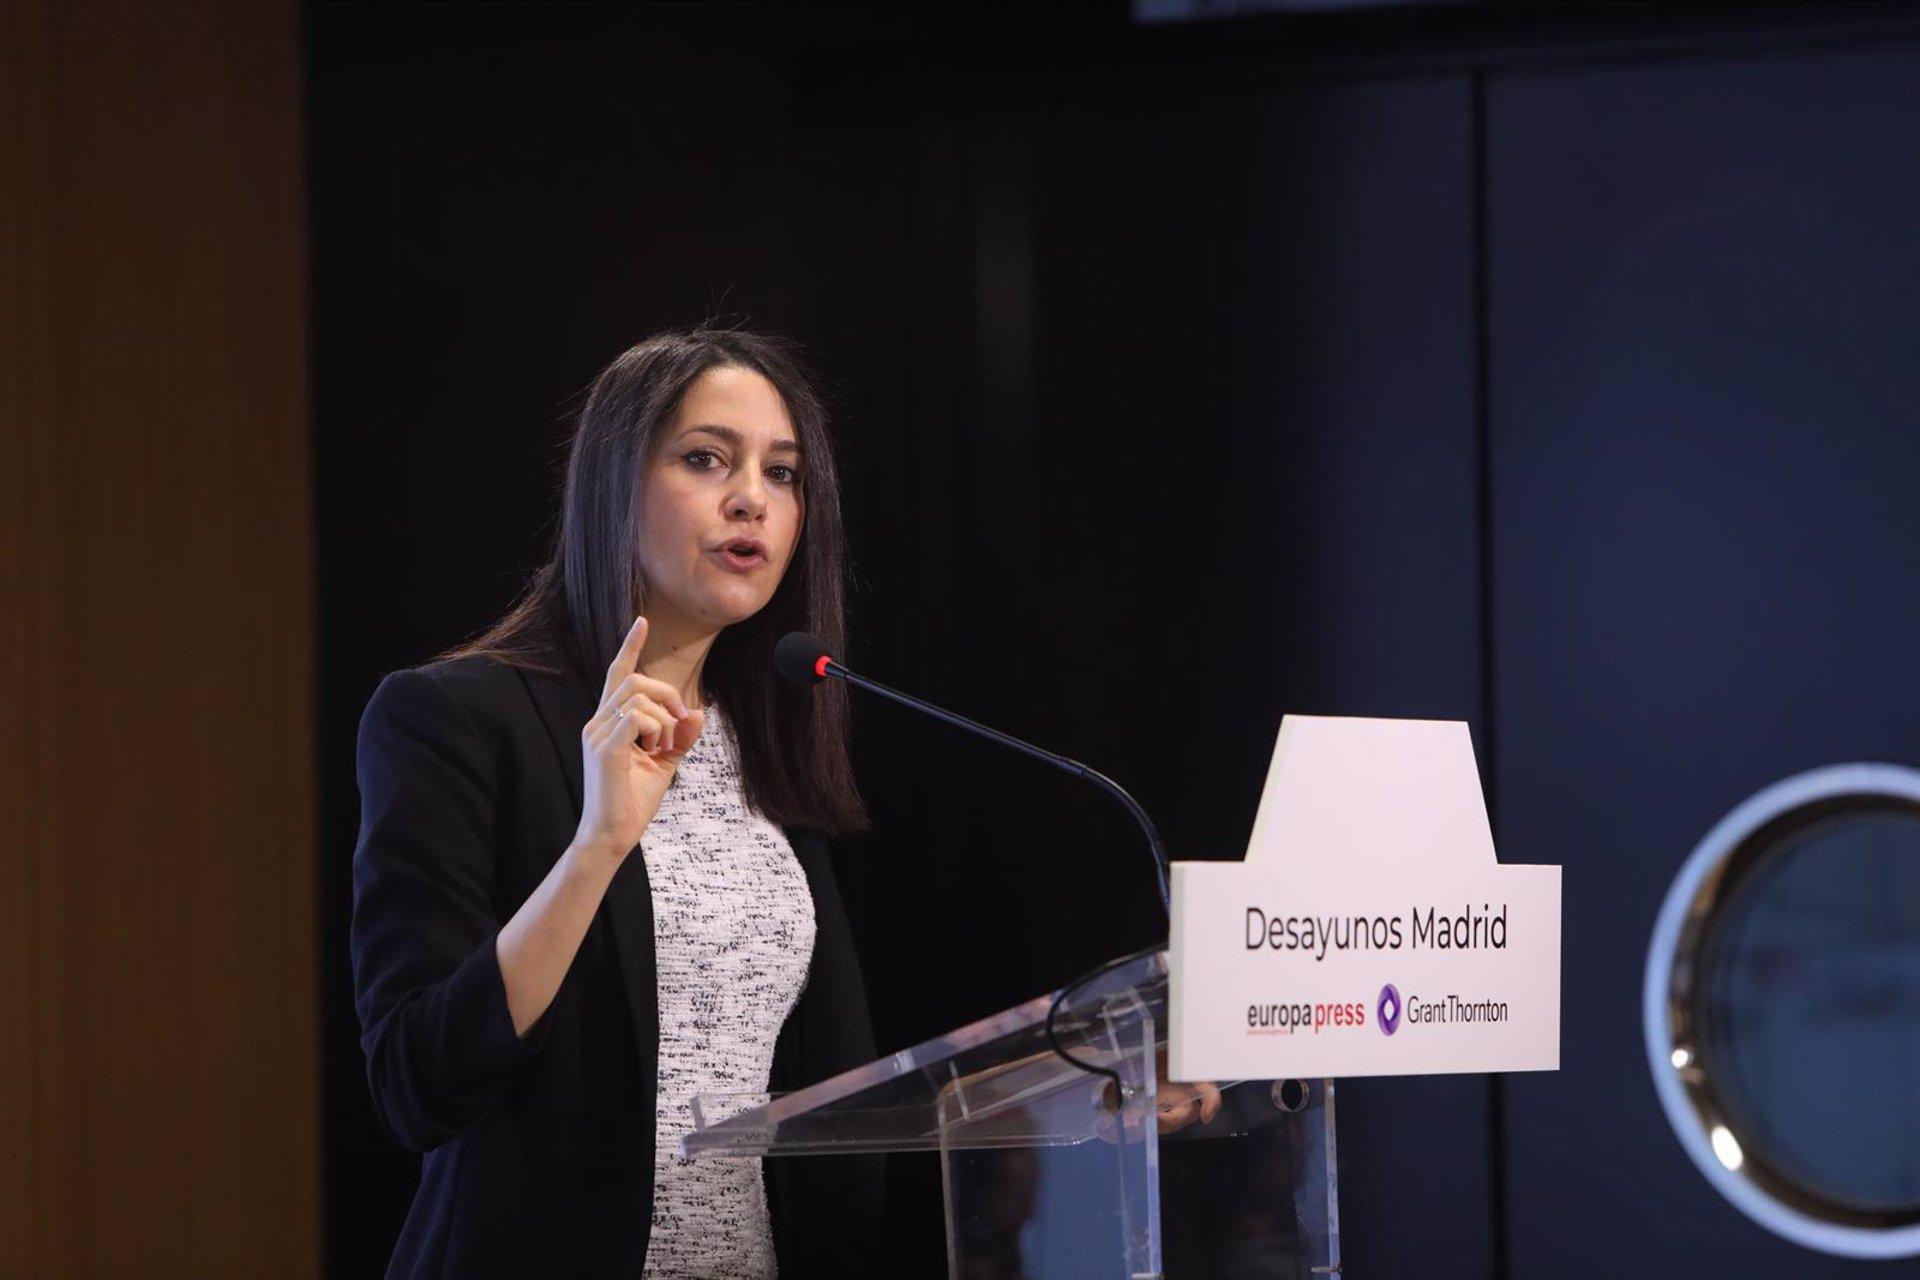 Arrimadas pide «aplicar el sentido común» en el Ayuntamiento y expresa «coraje por las peleas»